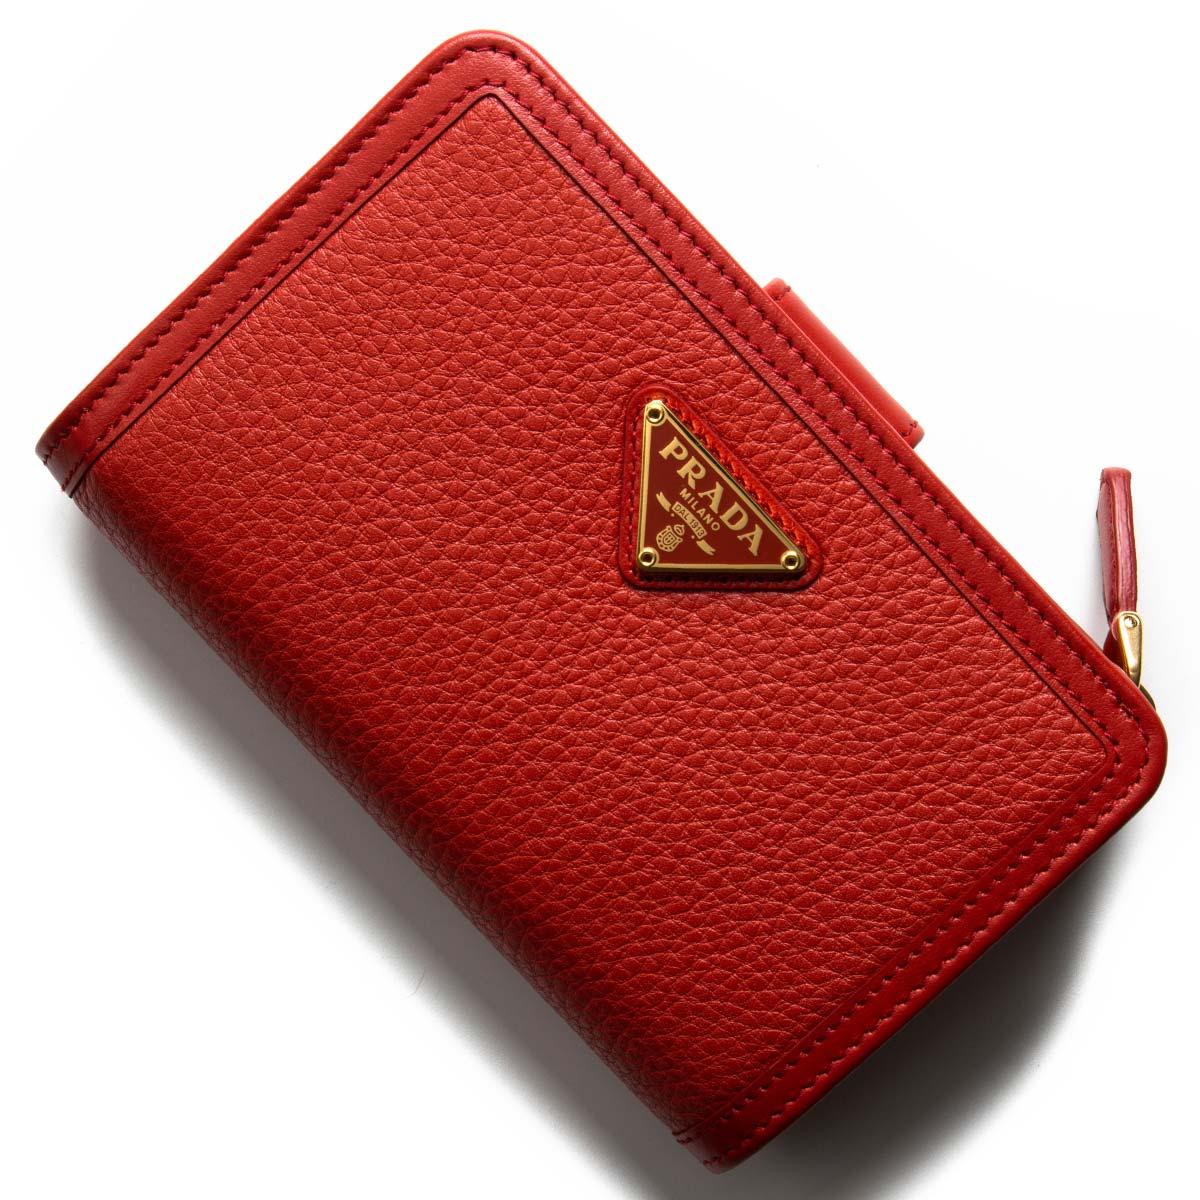 プラダ 二つ折り財布 財布 レディース ヴィッテロ フェニックス 三角ロゴプレート ロッソレッド 1ML225 2B16 F0011 2019年春夏新作 PRADA